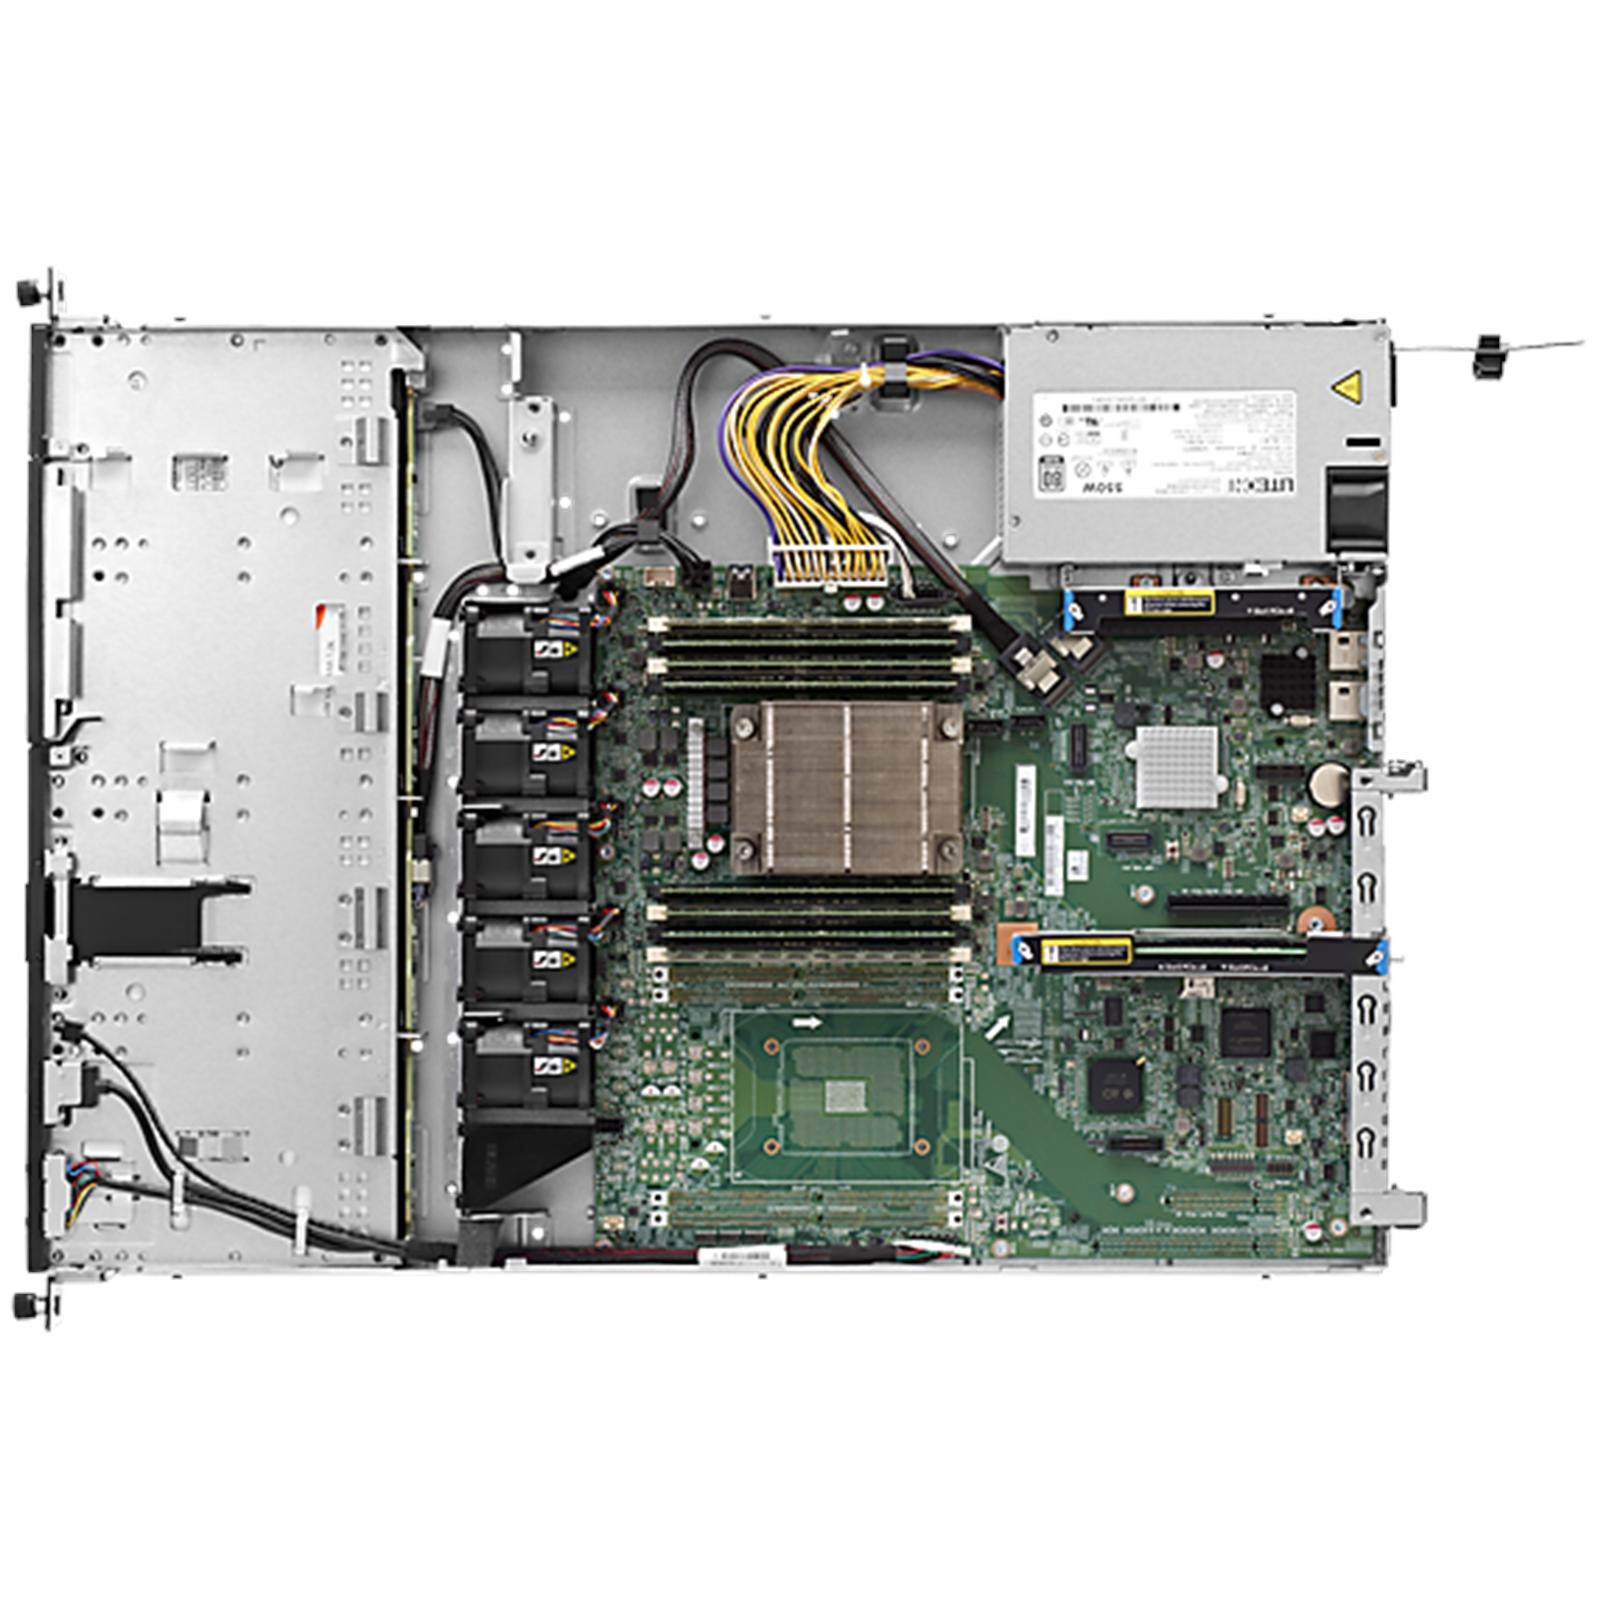 HPE Rack Servers 860175-425   Servers Plus